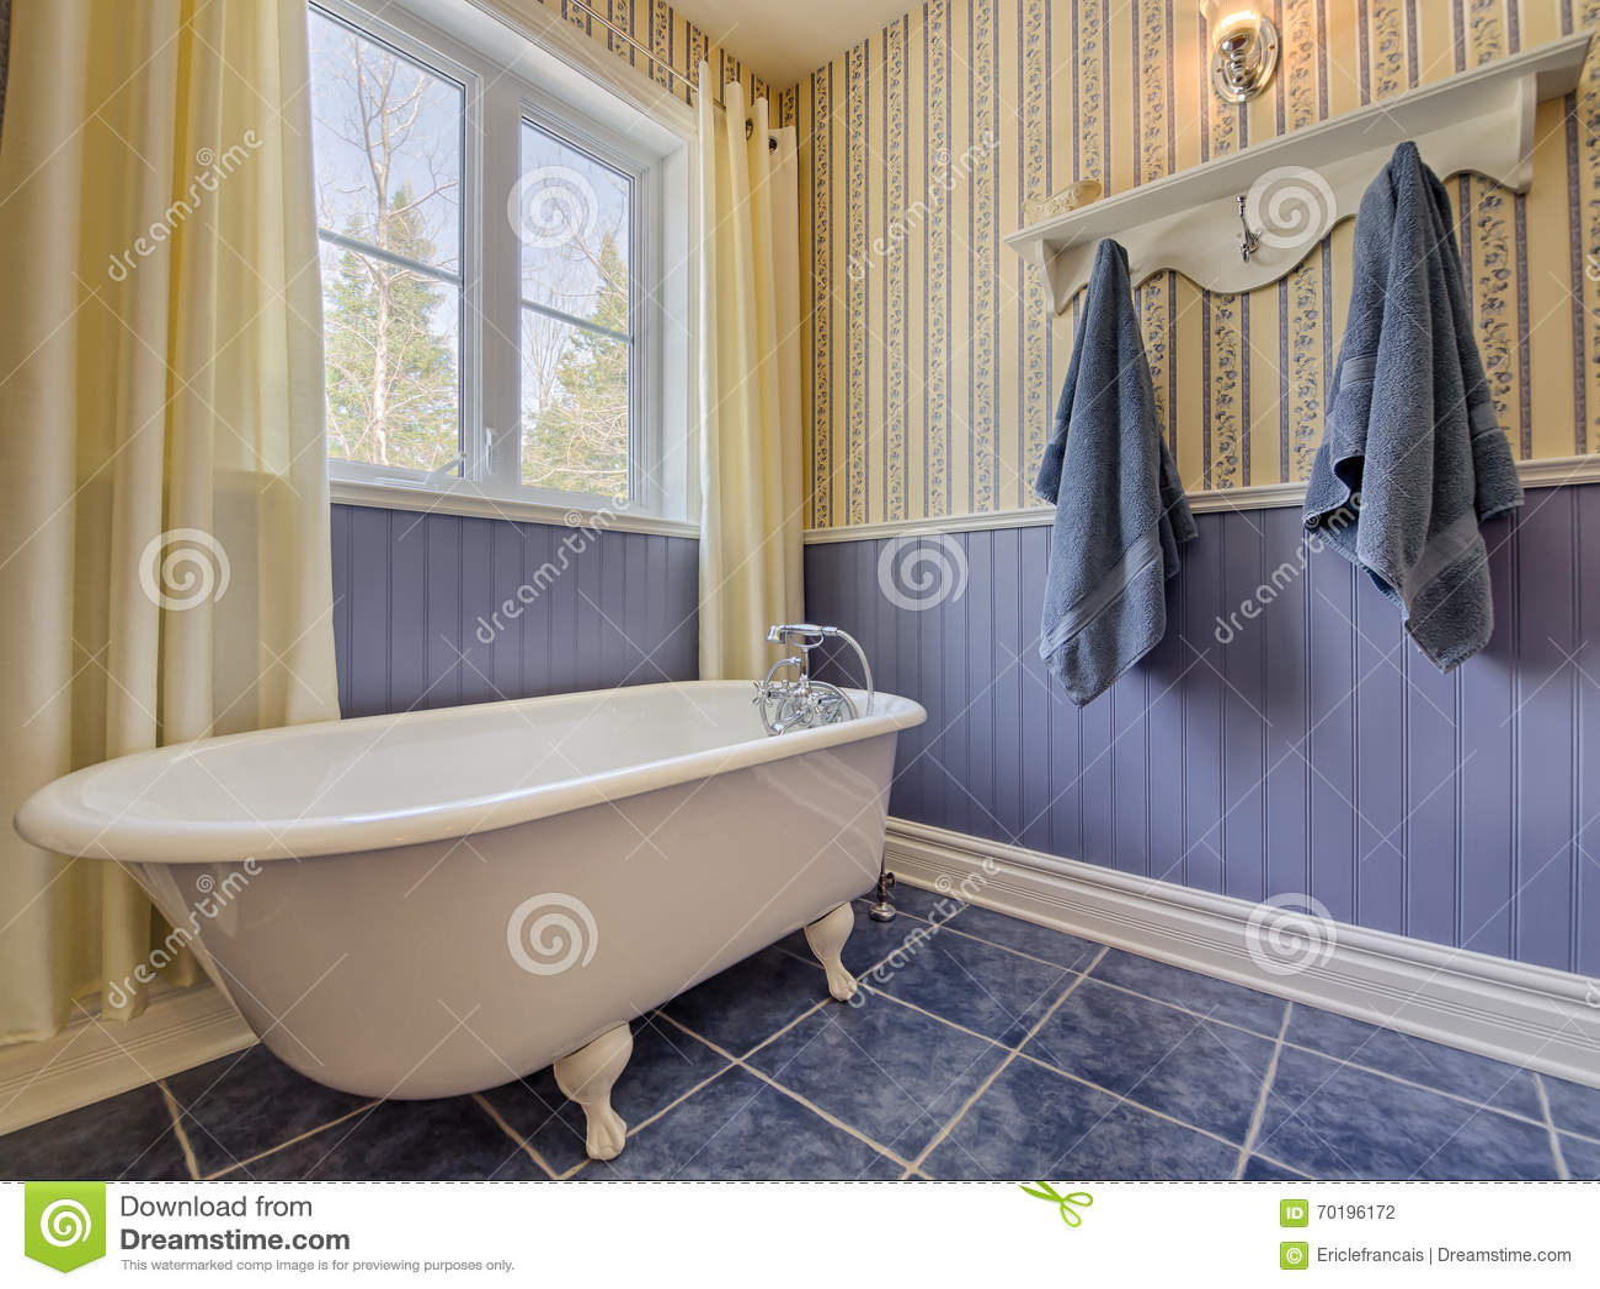 Bagno Giallo E Blu Di Stile Antico Fotografia Stock - Immagine: 70196172